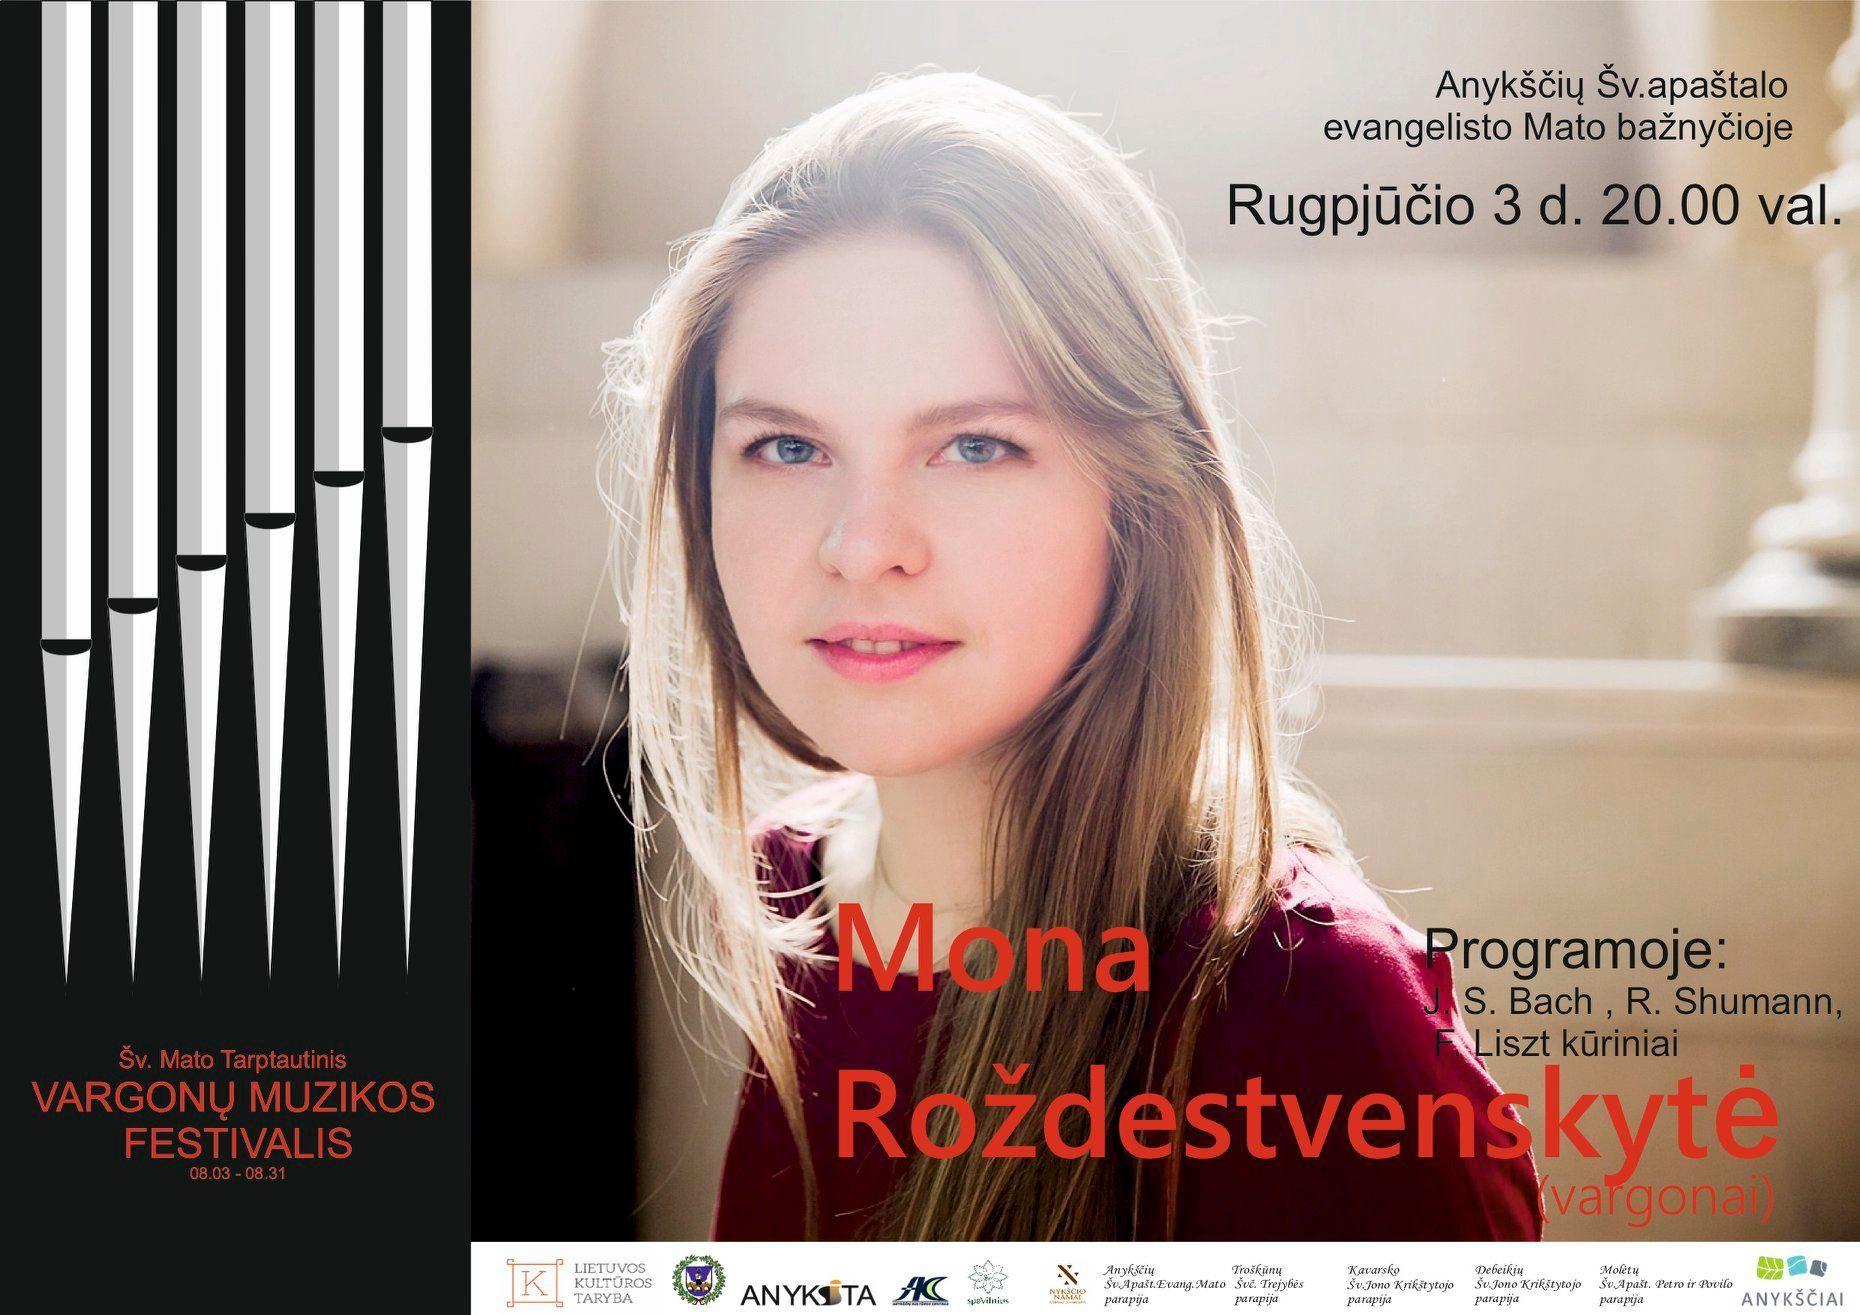 Šv. Mato tarptautinis vargonų muzikos festivalis / Mona Roždestvenskytė (vargonai, Lietuva-Vokietija)